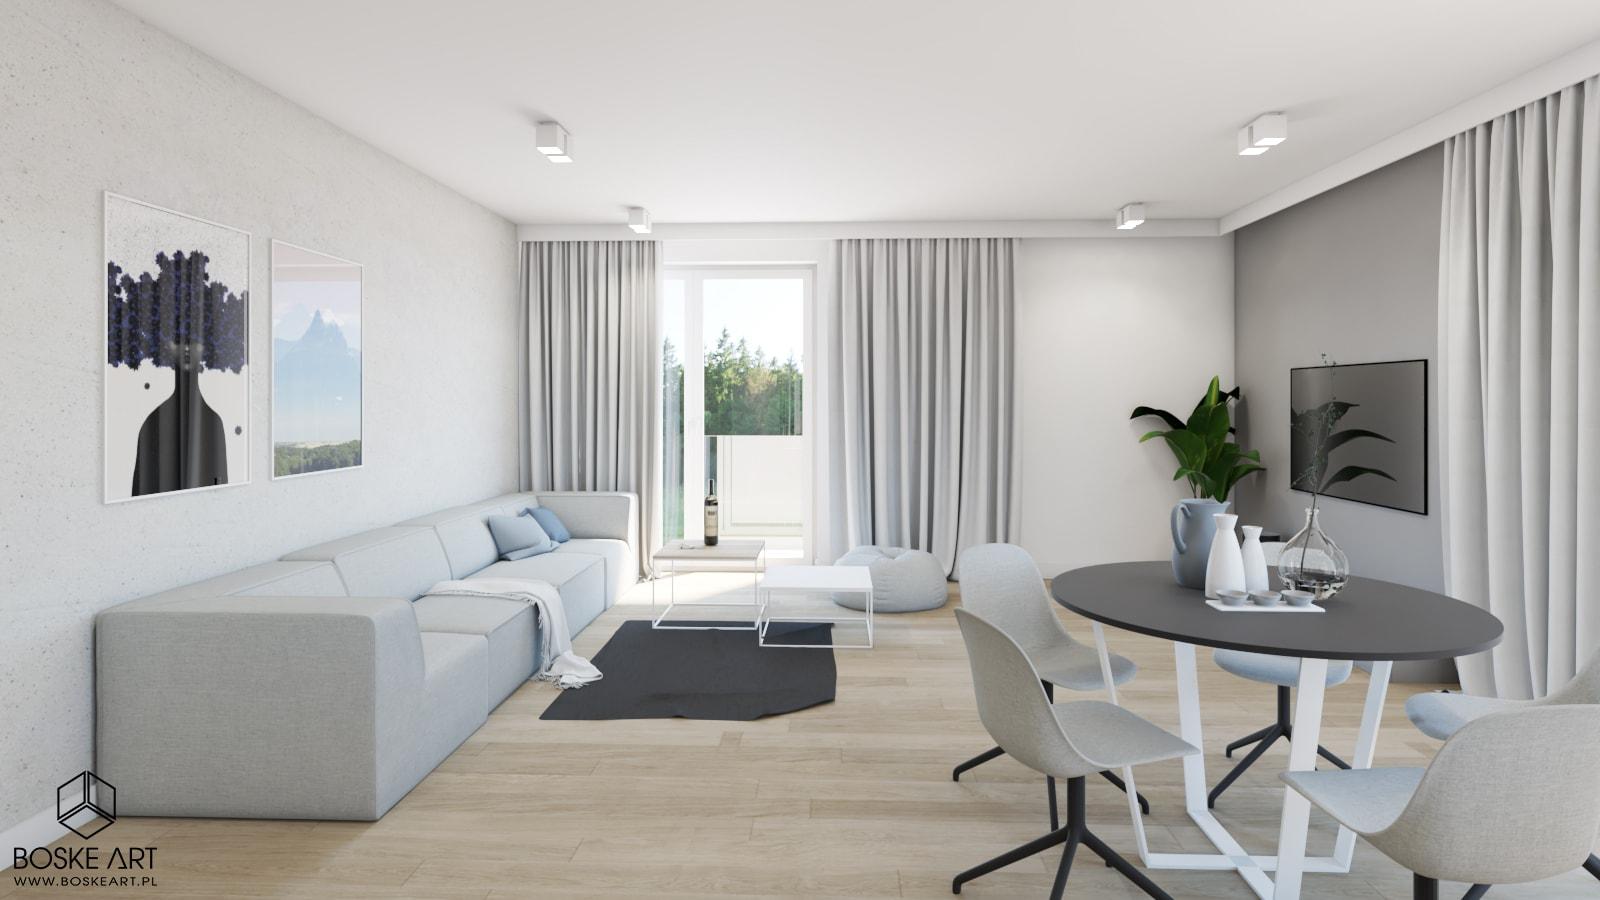 3_mieszkanie_jarocin_boske_art_projektowanie_wnetrz_architektura_natalia_robaszkiewicz-min